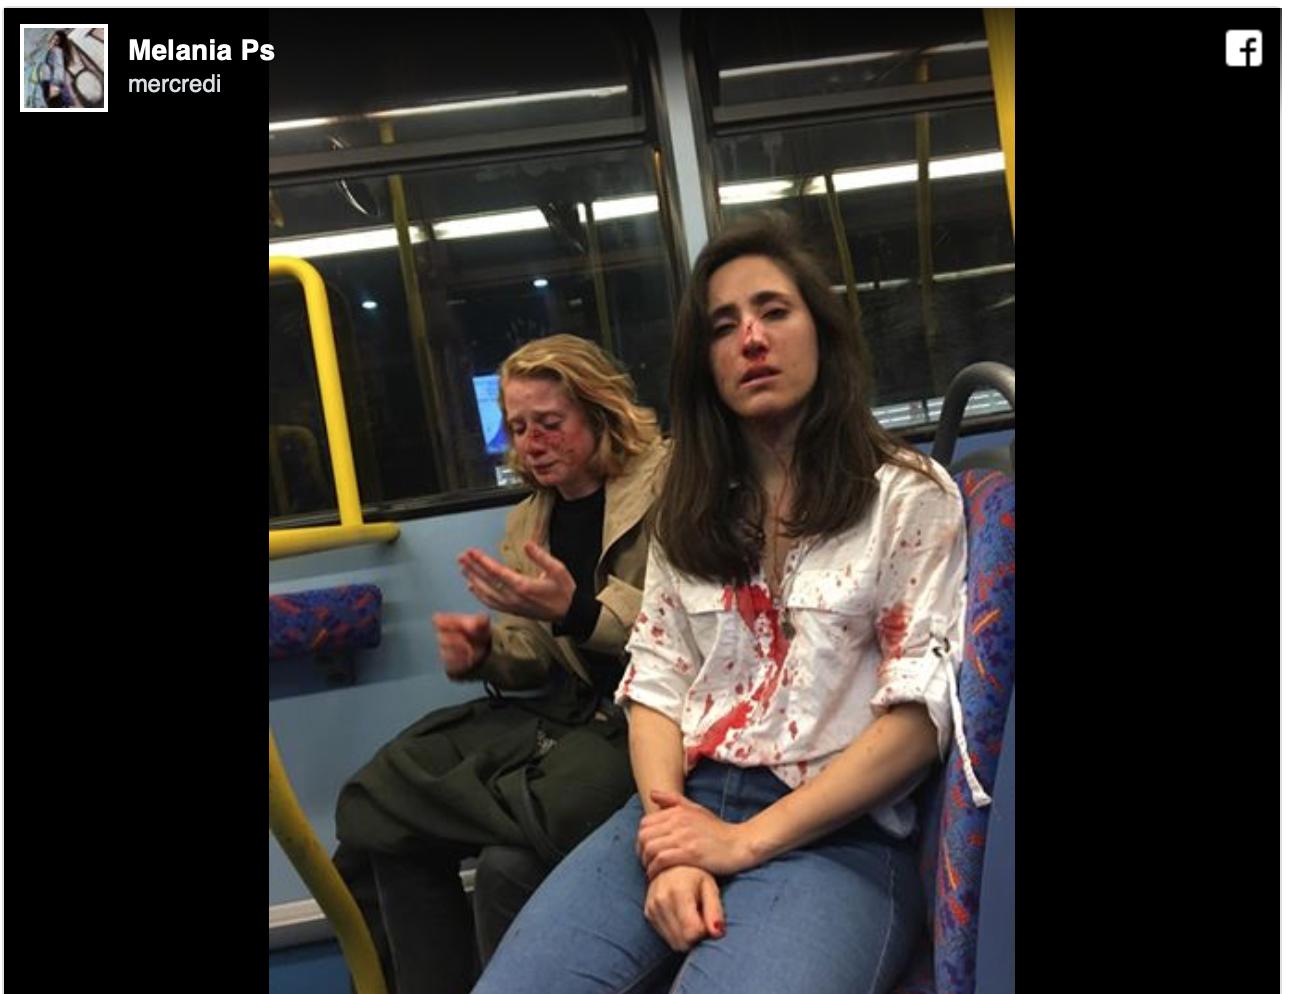 Aucune allusion à l'origine des 4 agresseurs d'un couple de lesbiennes à Londres ? Alors ils sont musulmans